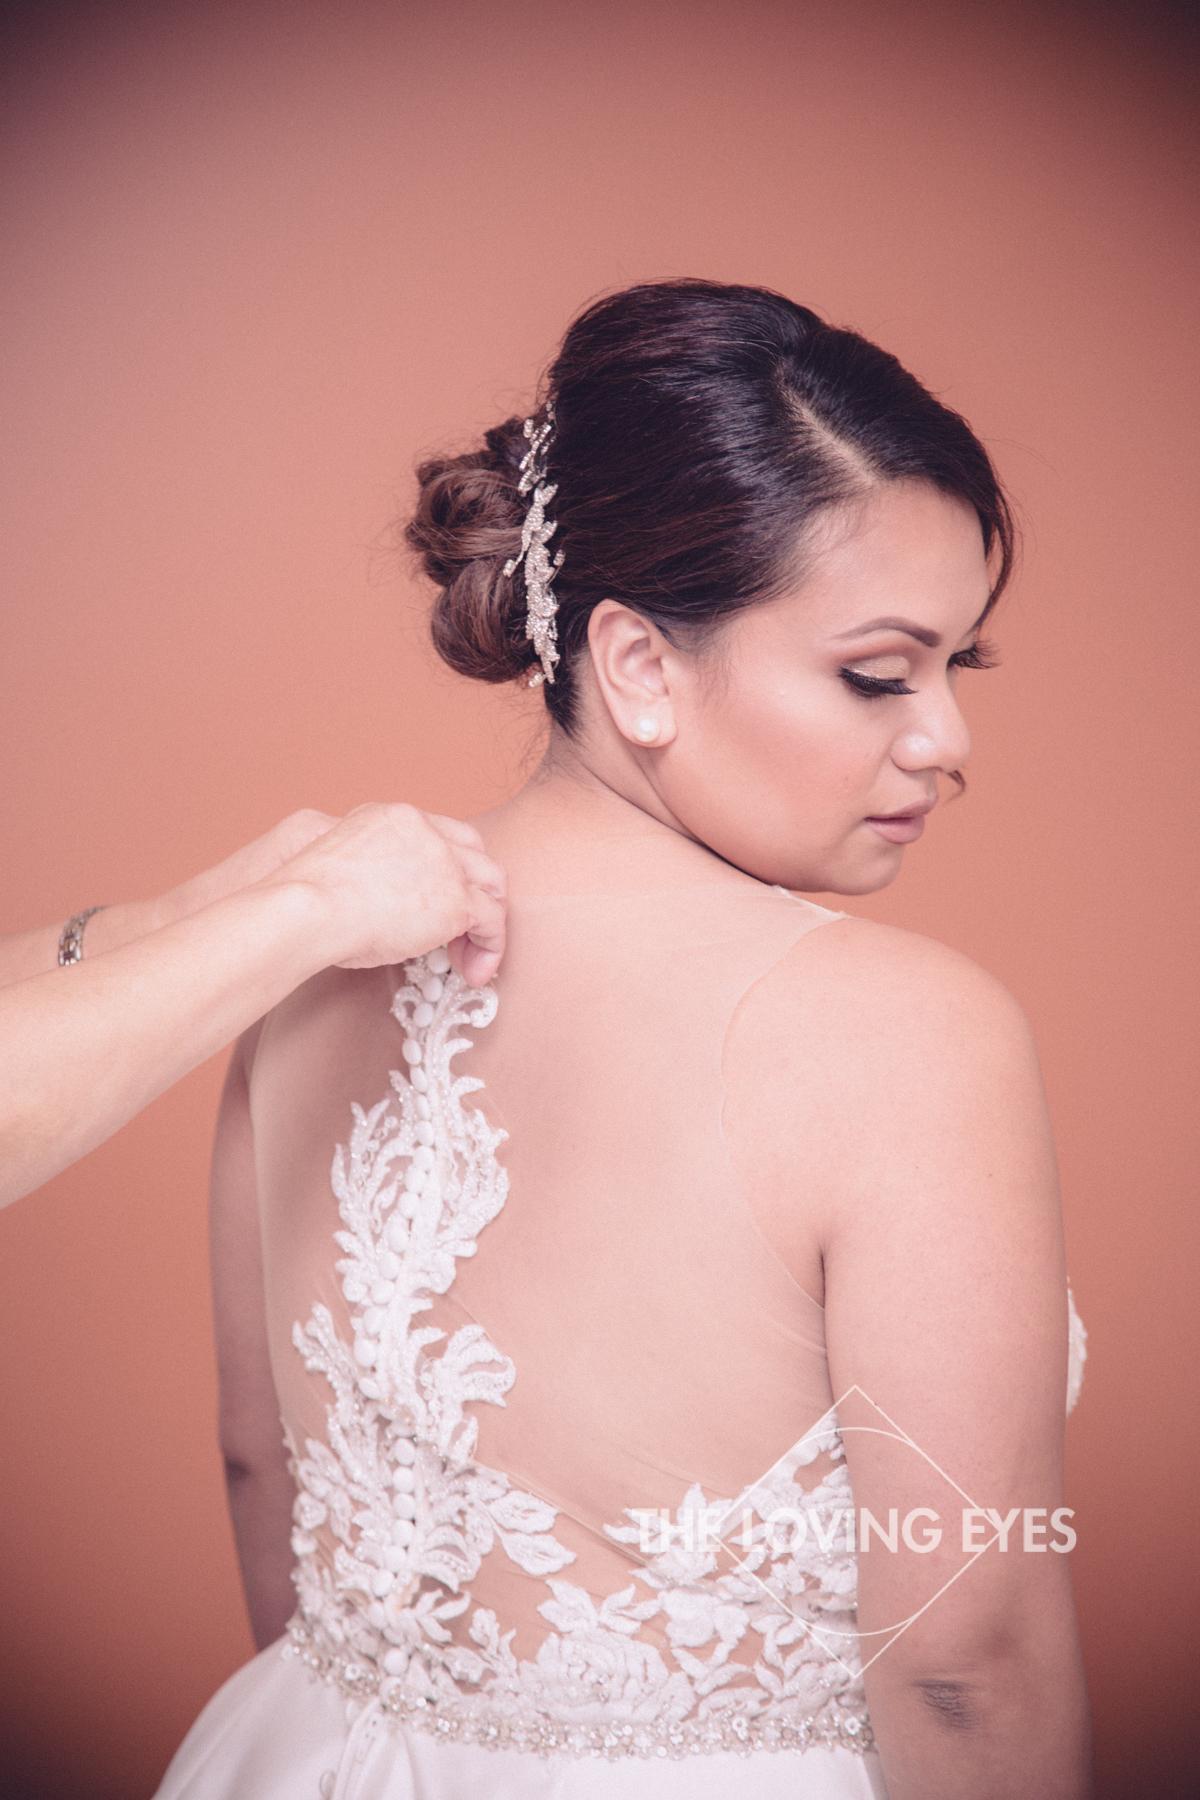 Bridal portrait getting ready in wedding dress